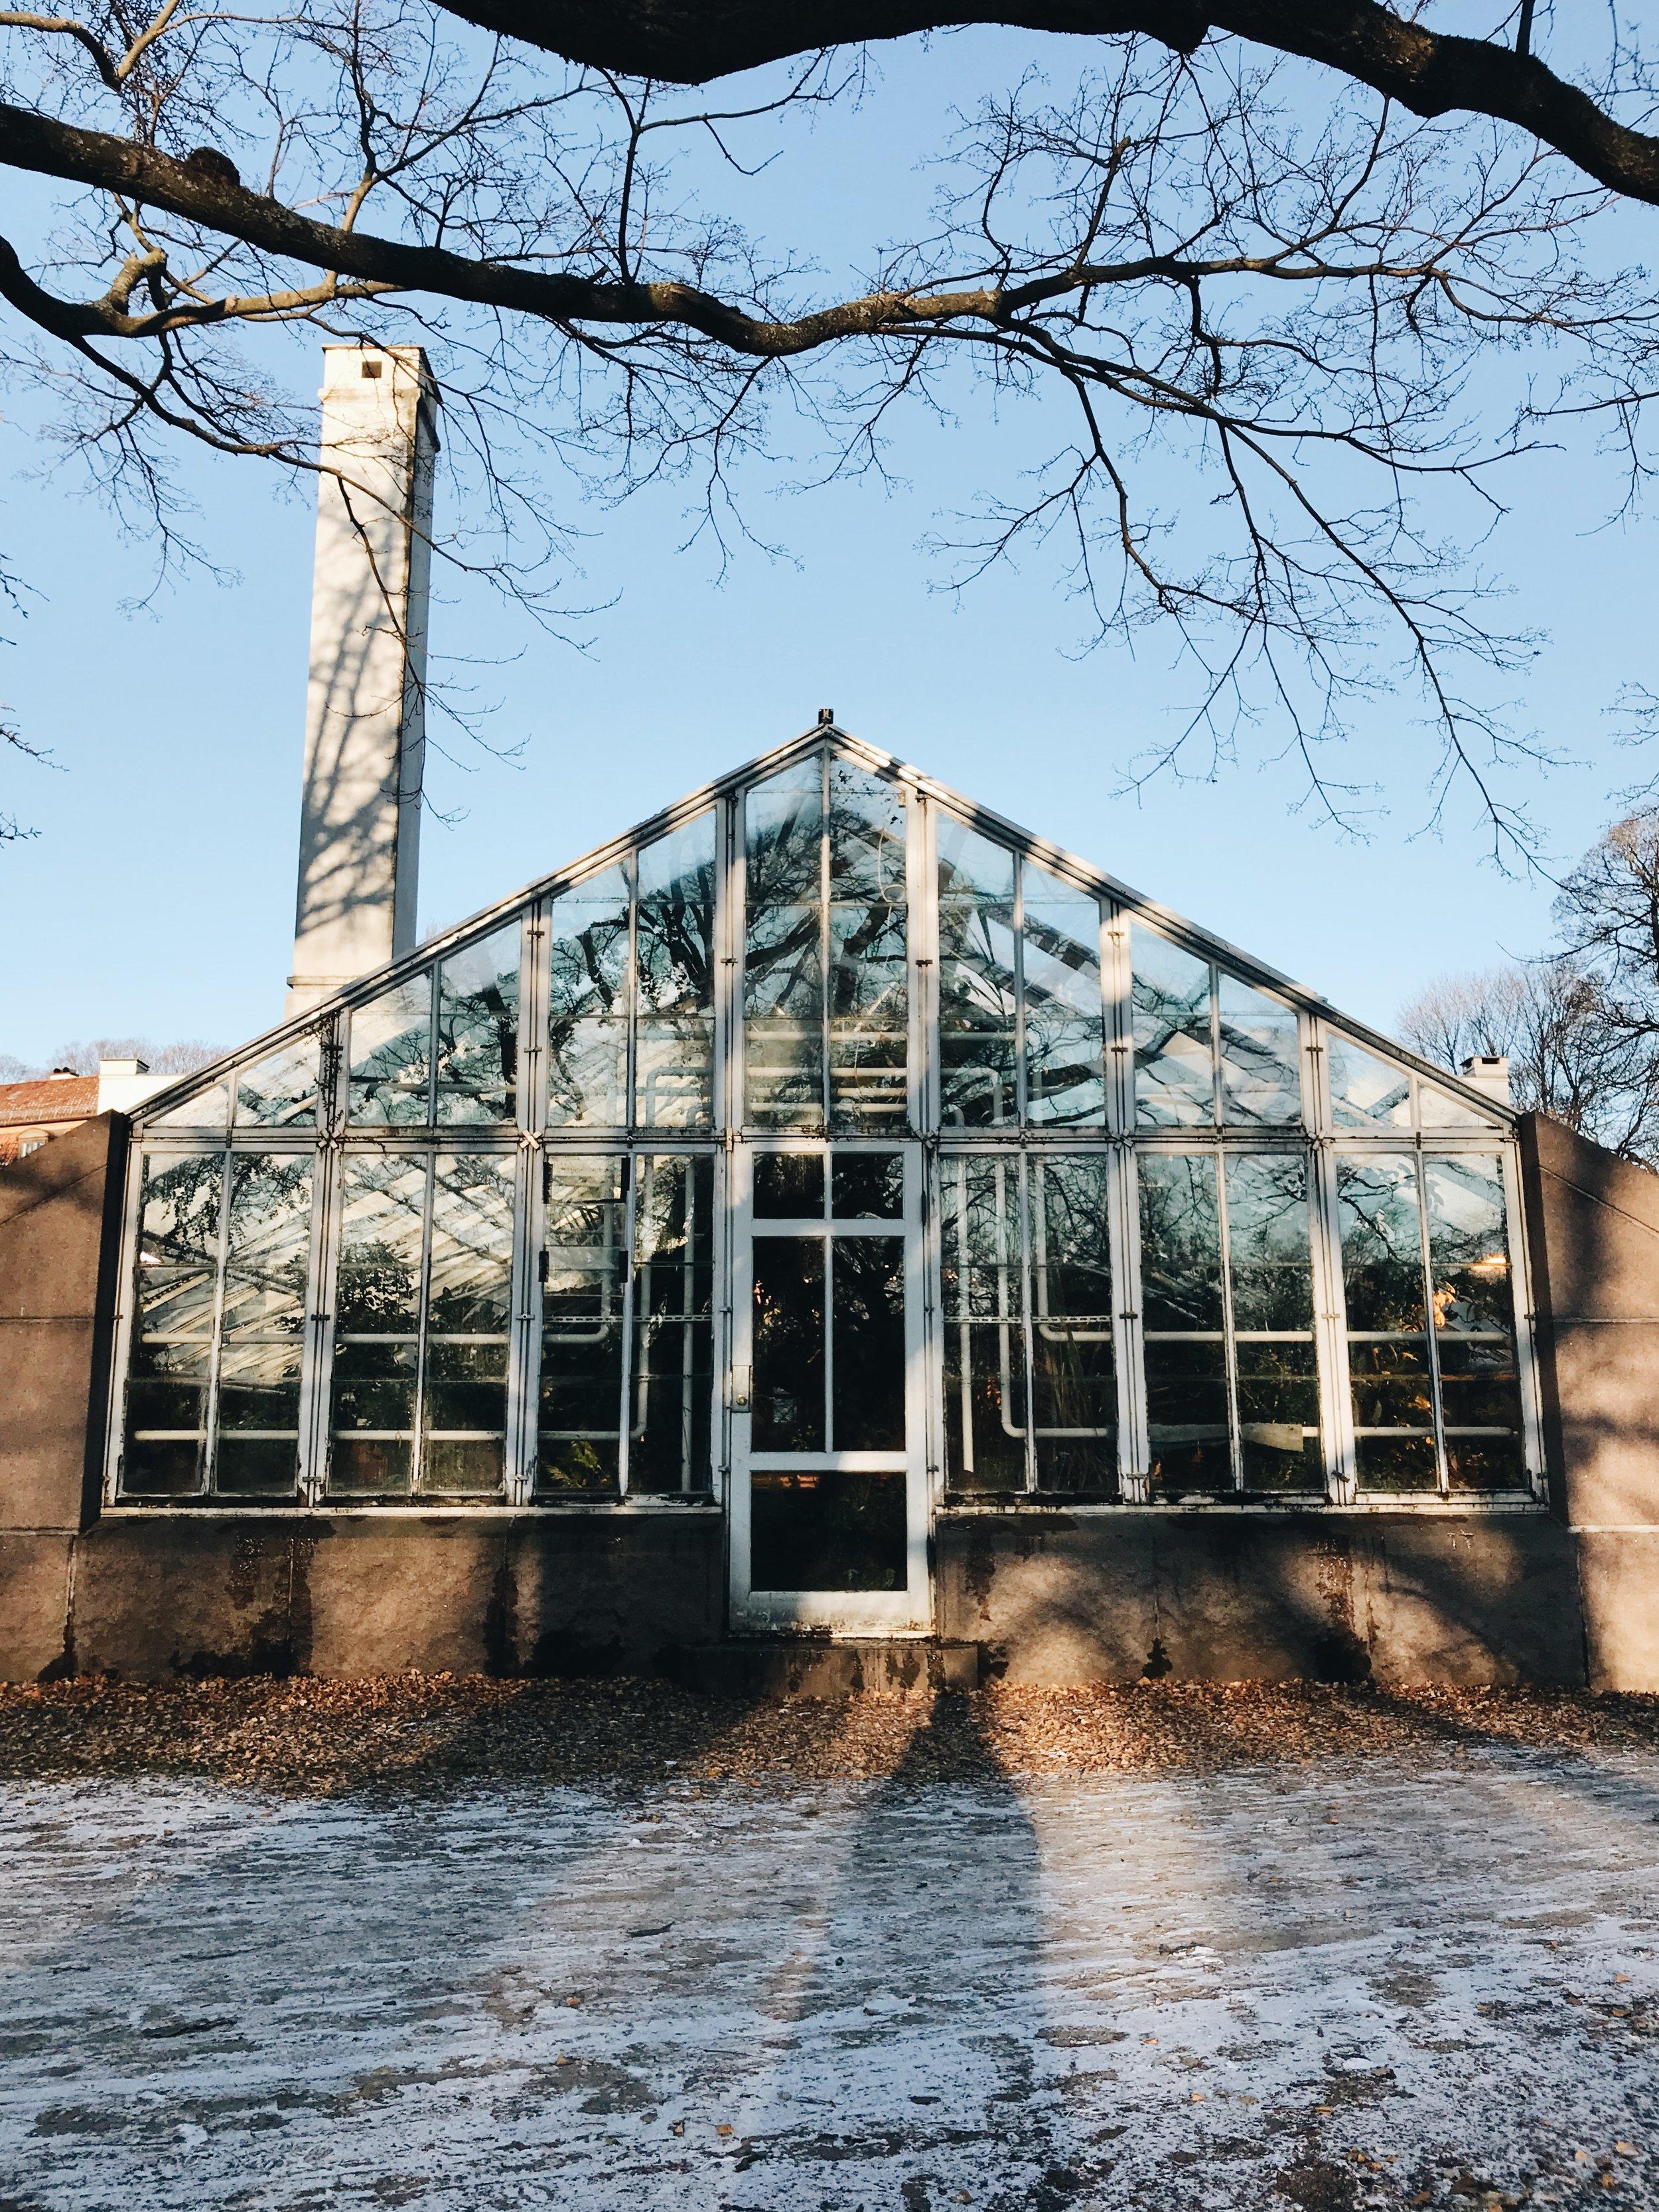 Der Botanische Garten in Oslo ist zwar klein, dafür unfassbar warm und das Beste ist, es kostet nicht einmal Eintritt, um sich bei Minusgraden aufzuwärmen!